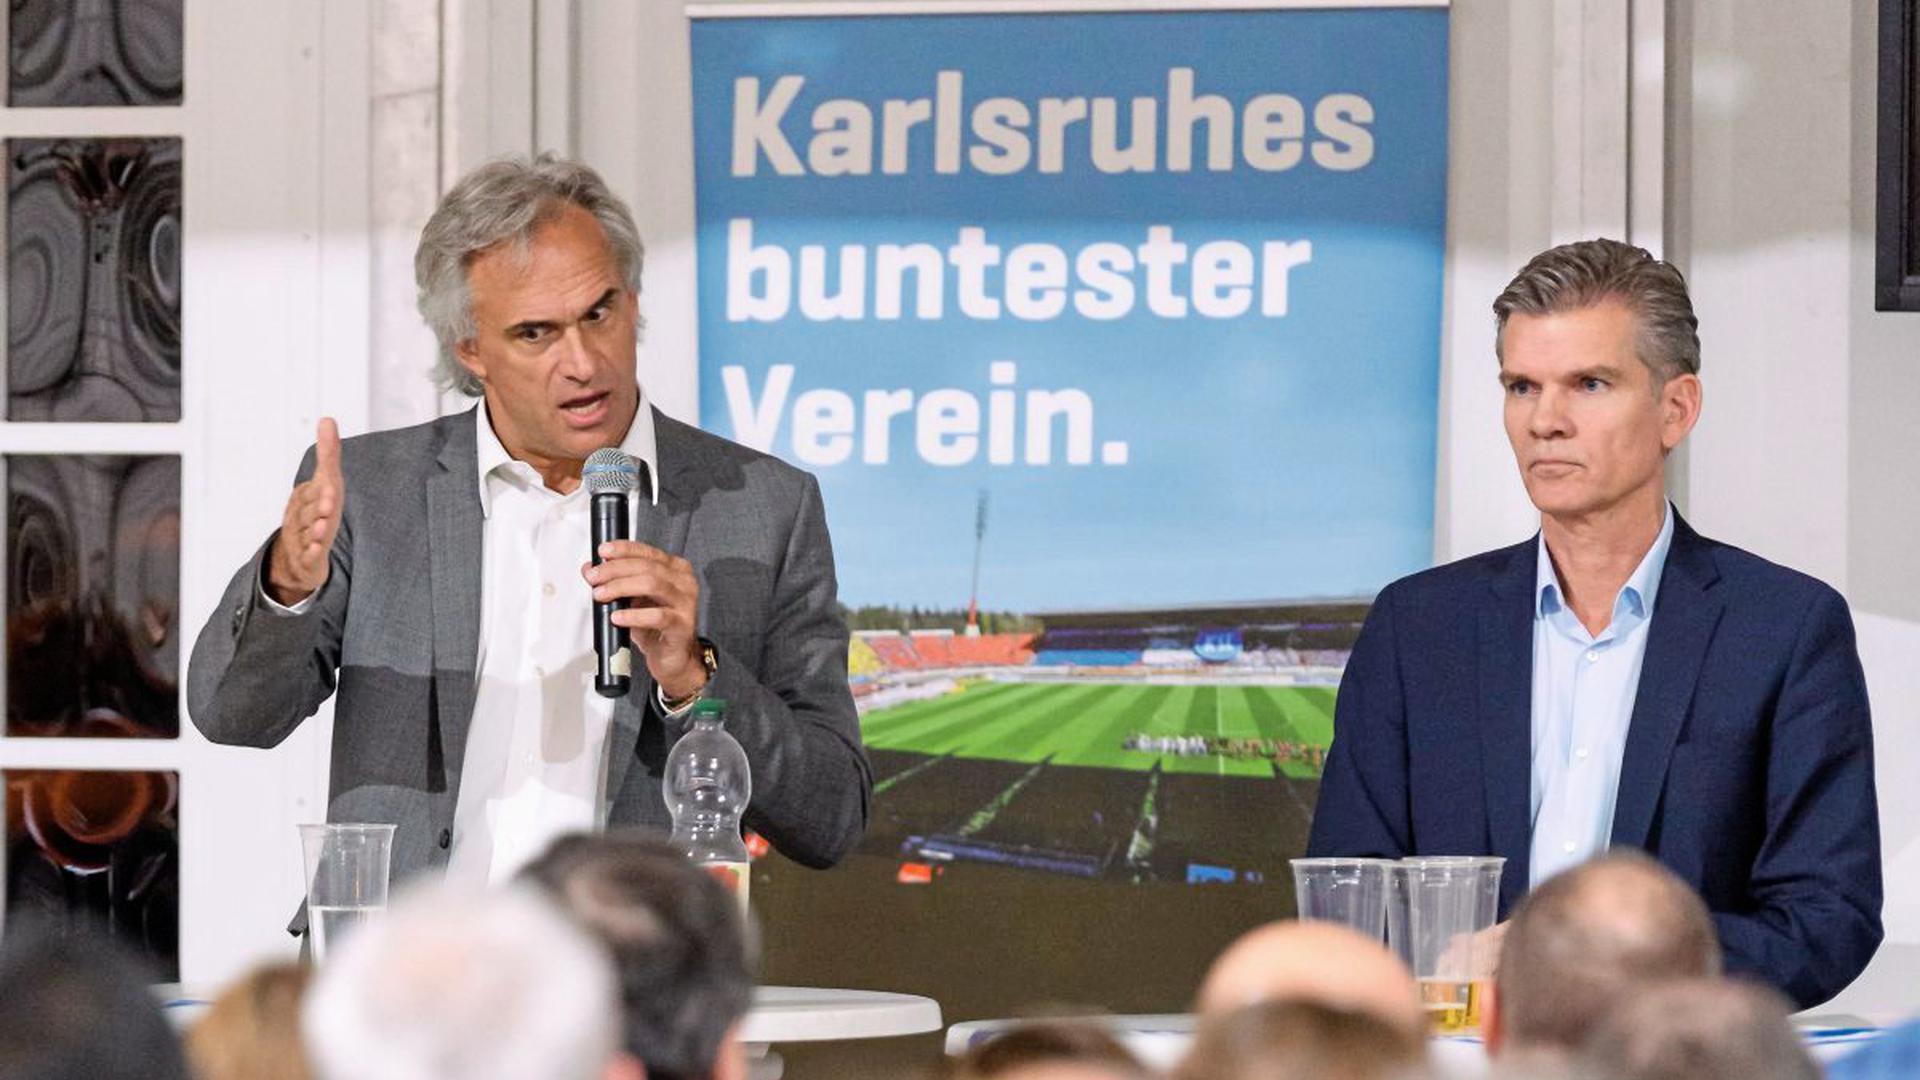 Treffen bei den Fans: Martin Müller (links) und Ingo Wellenreuther